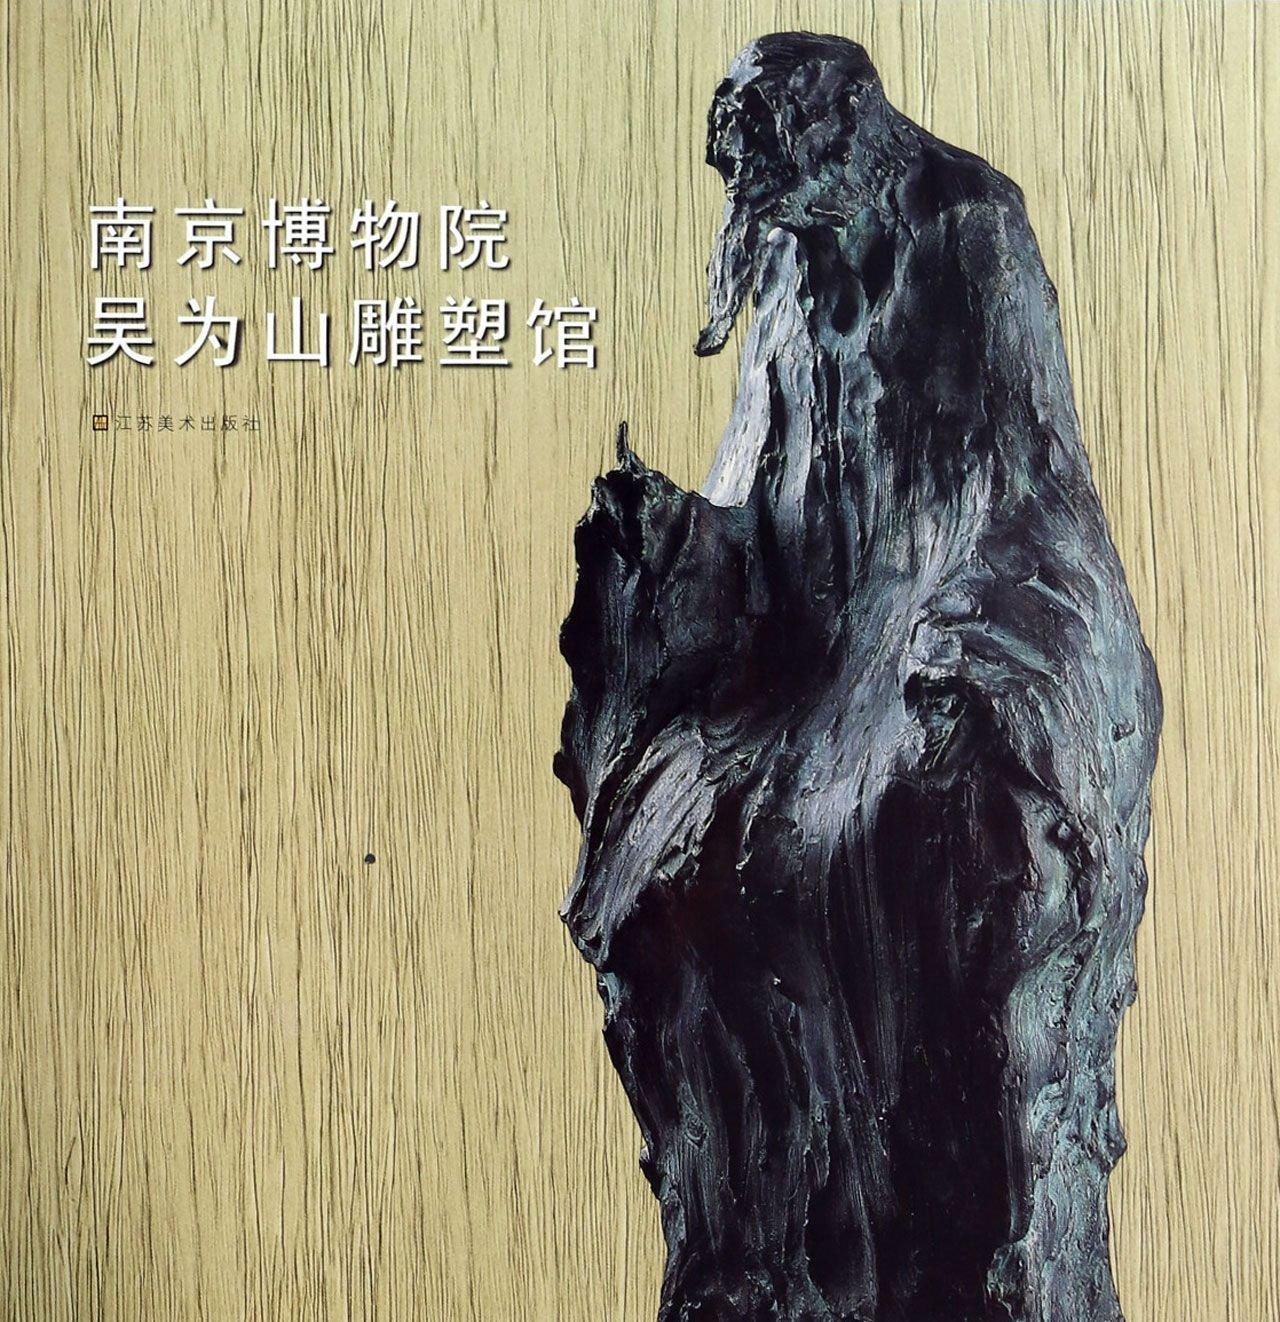 Download Genuine new Nanjing Museum Wu Weishan Sculpture Museum . Nanjing . Jiangsu Fine Arts Publishing House Museum Phoenix Publishing & Media Group 9787534468711(Chinese Edition) ebook